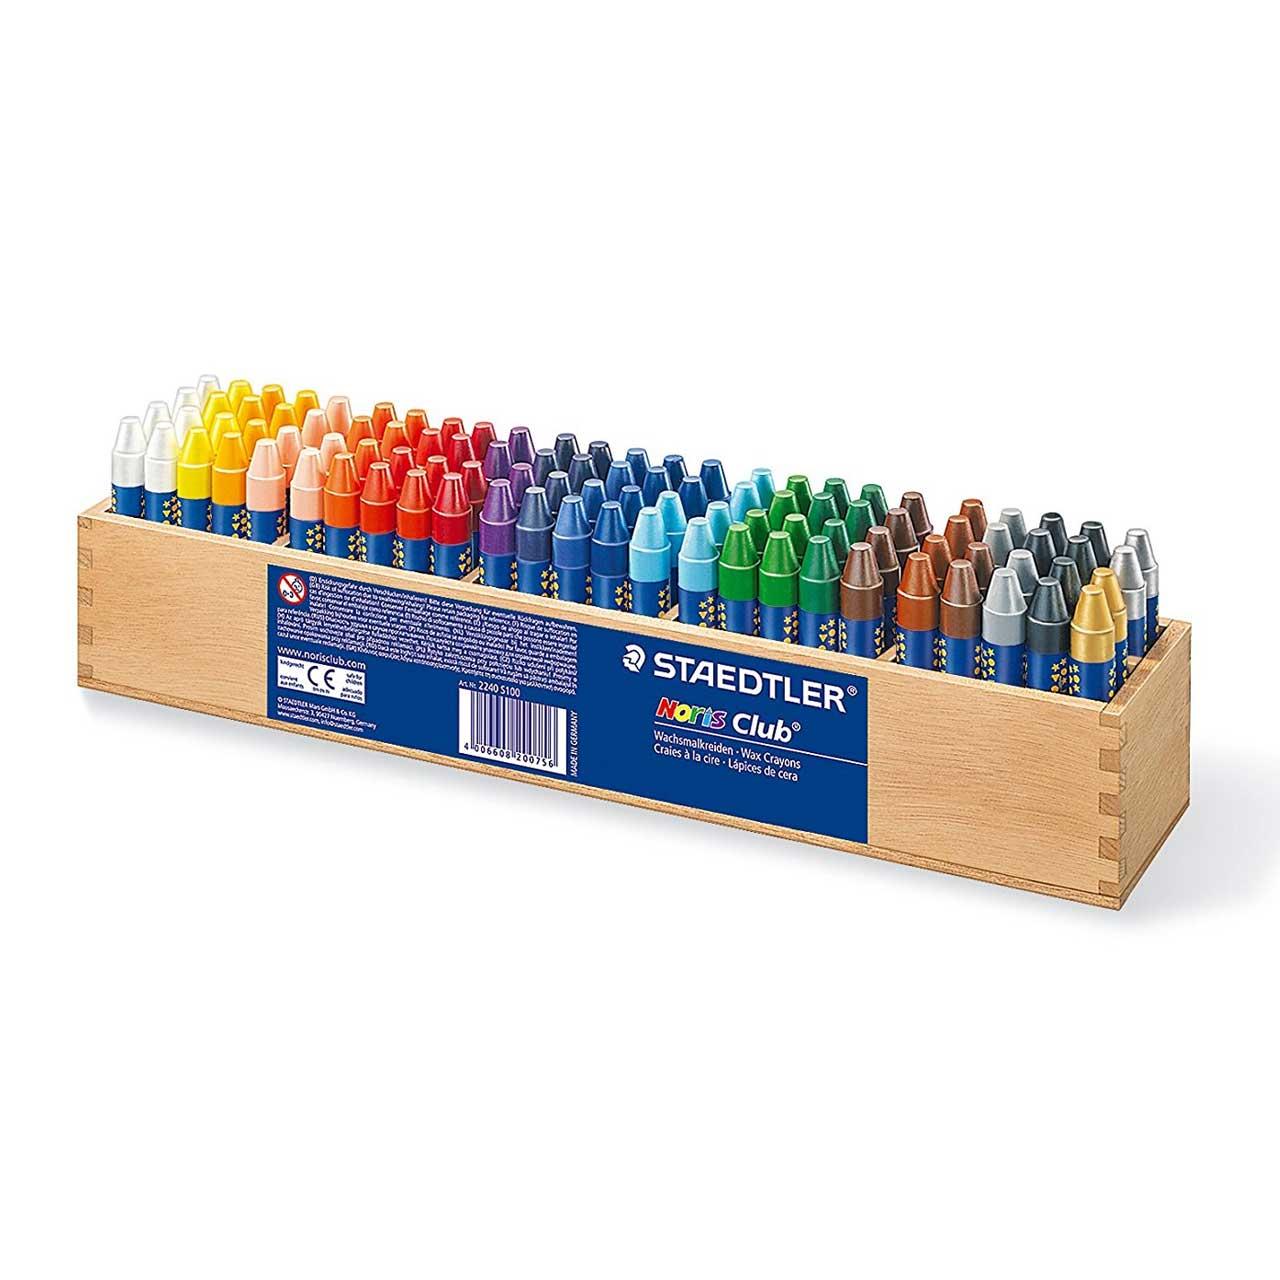 مداد شمعی استدلر کد S100 2240 مدل نوریس کلاب 100 عددی